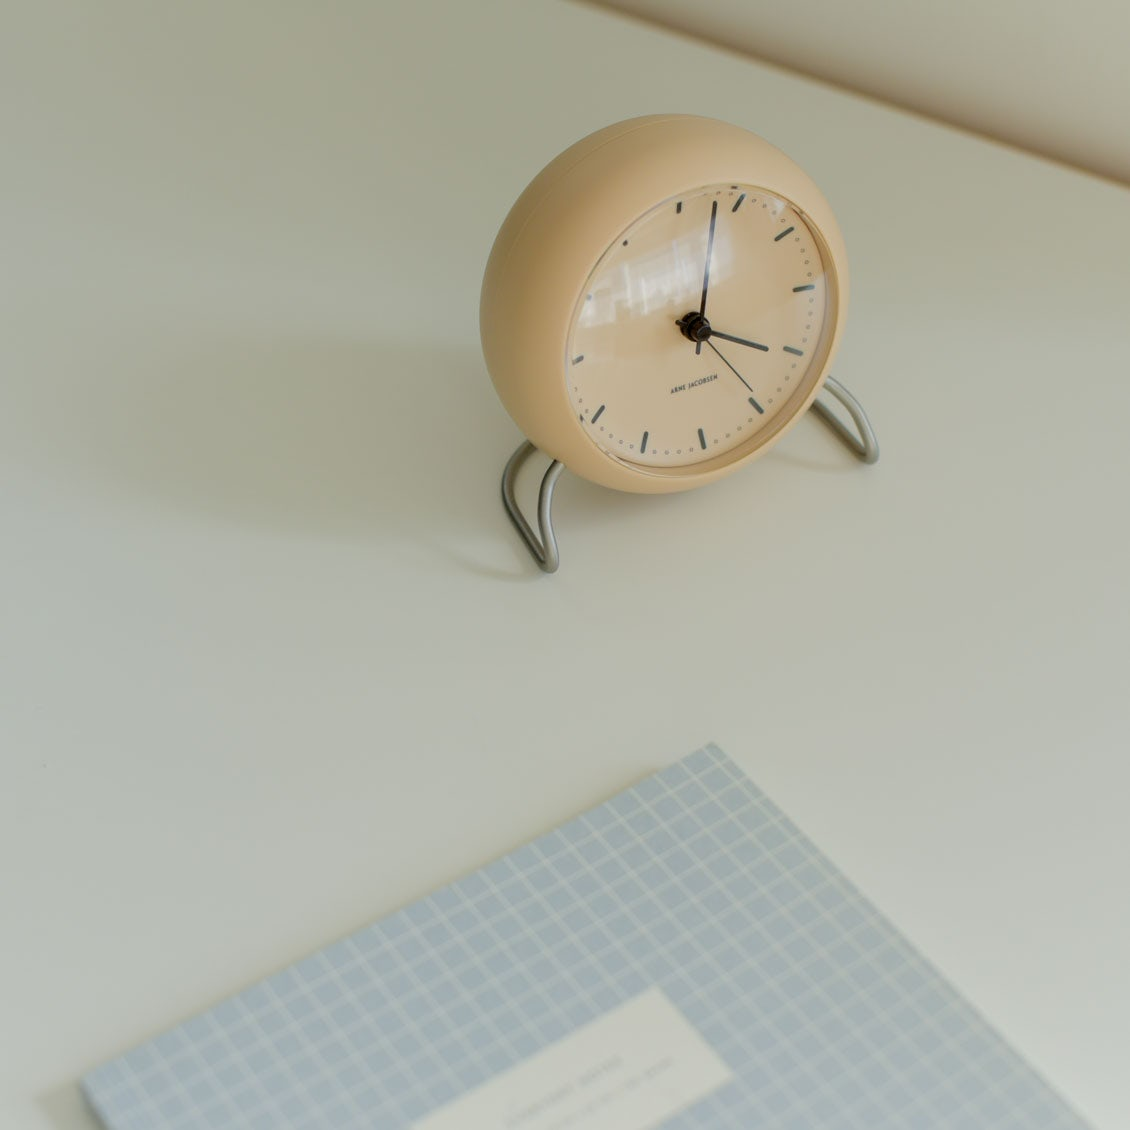 【新商品】惚れ惚れする文字盤と絶妙カラー。アルネヤコブセンの置き時計が入荷しました!